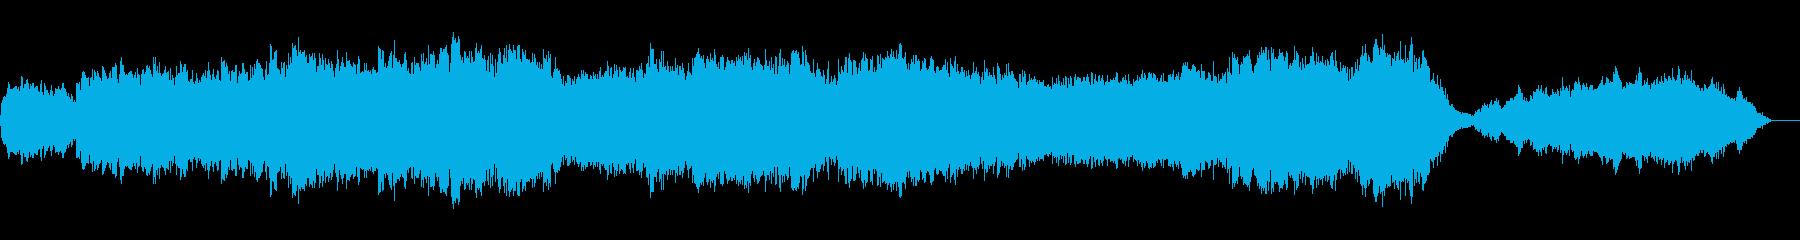 伝統的な中東の音楽。ドキュメンタリ...の再生済みの波形